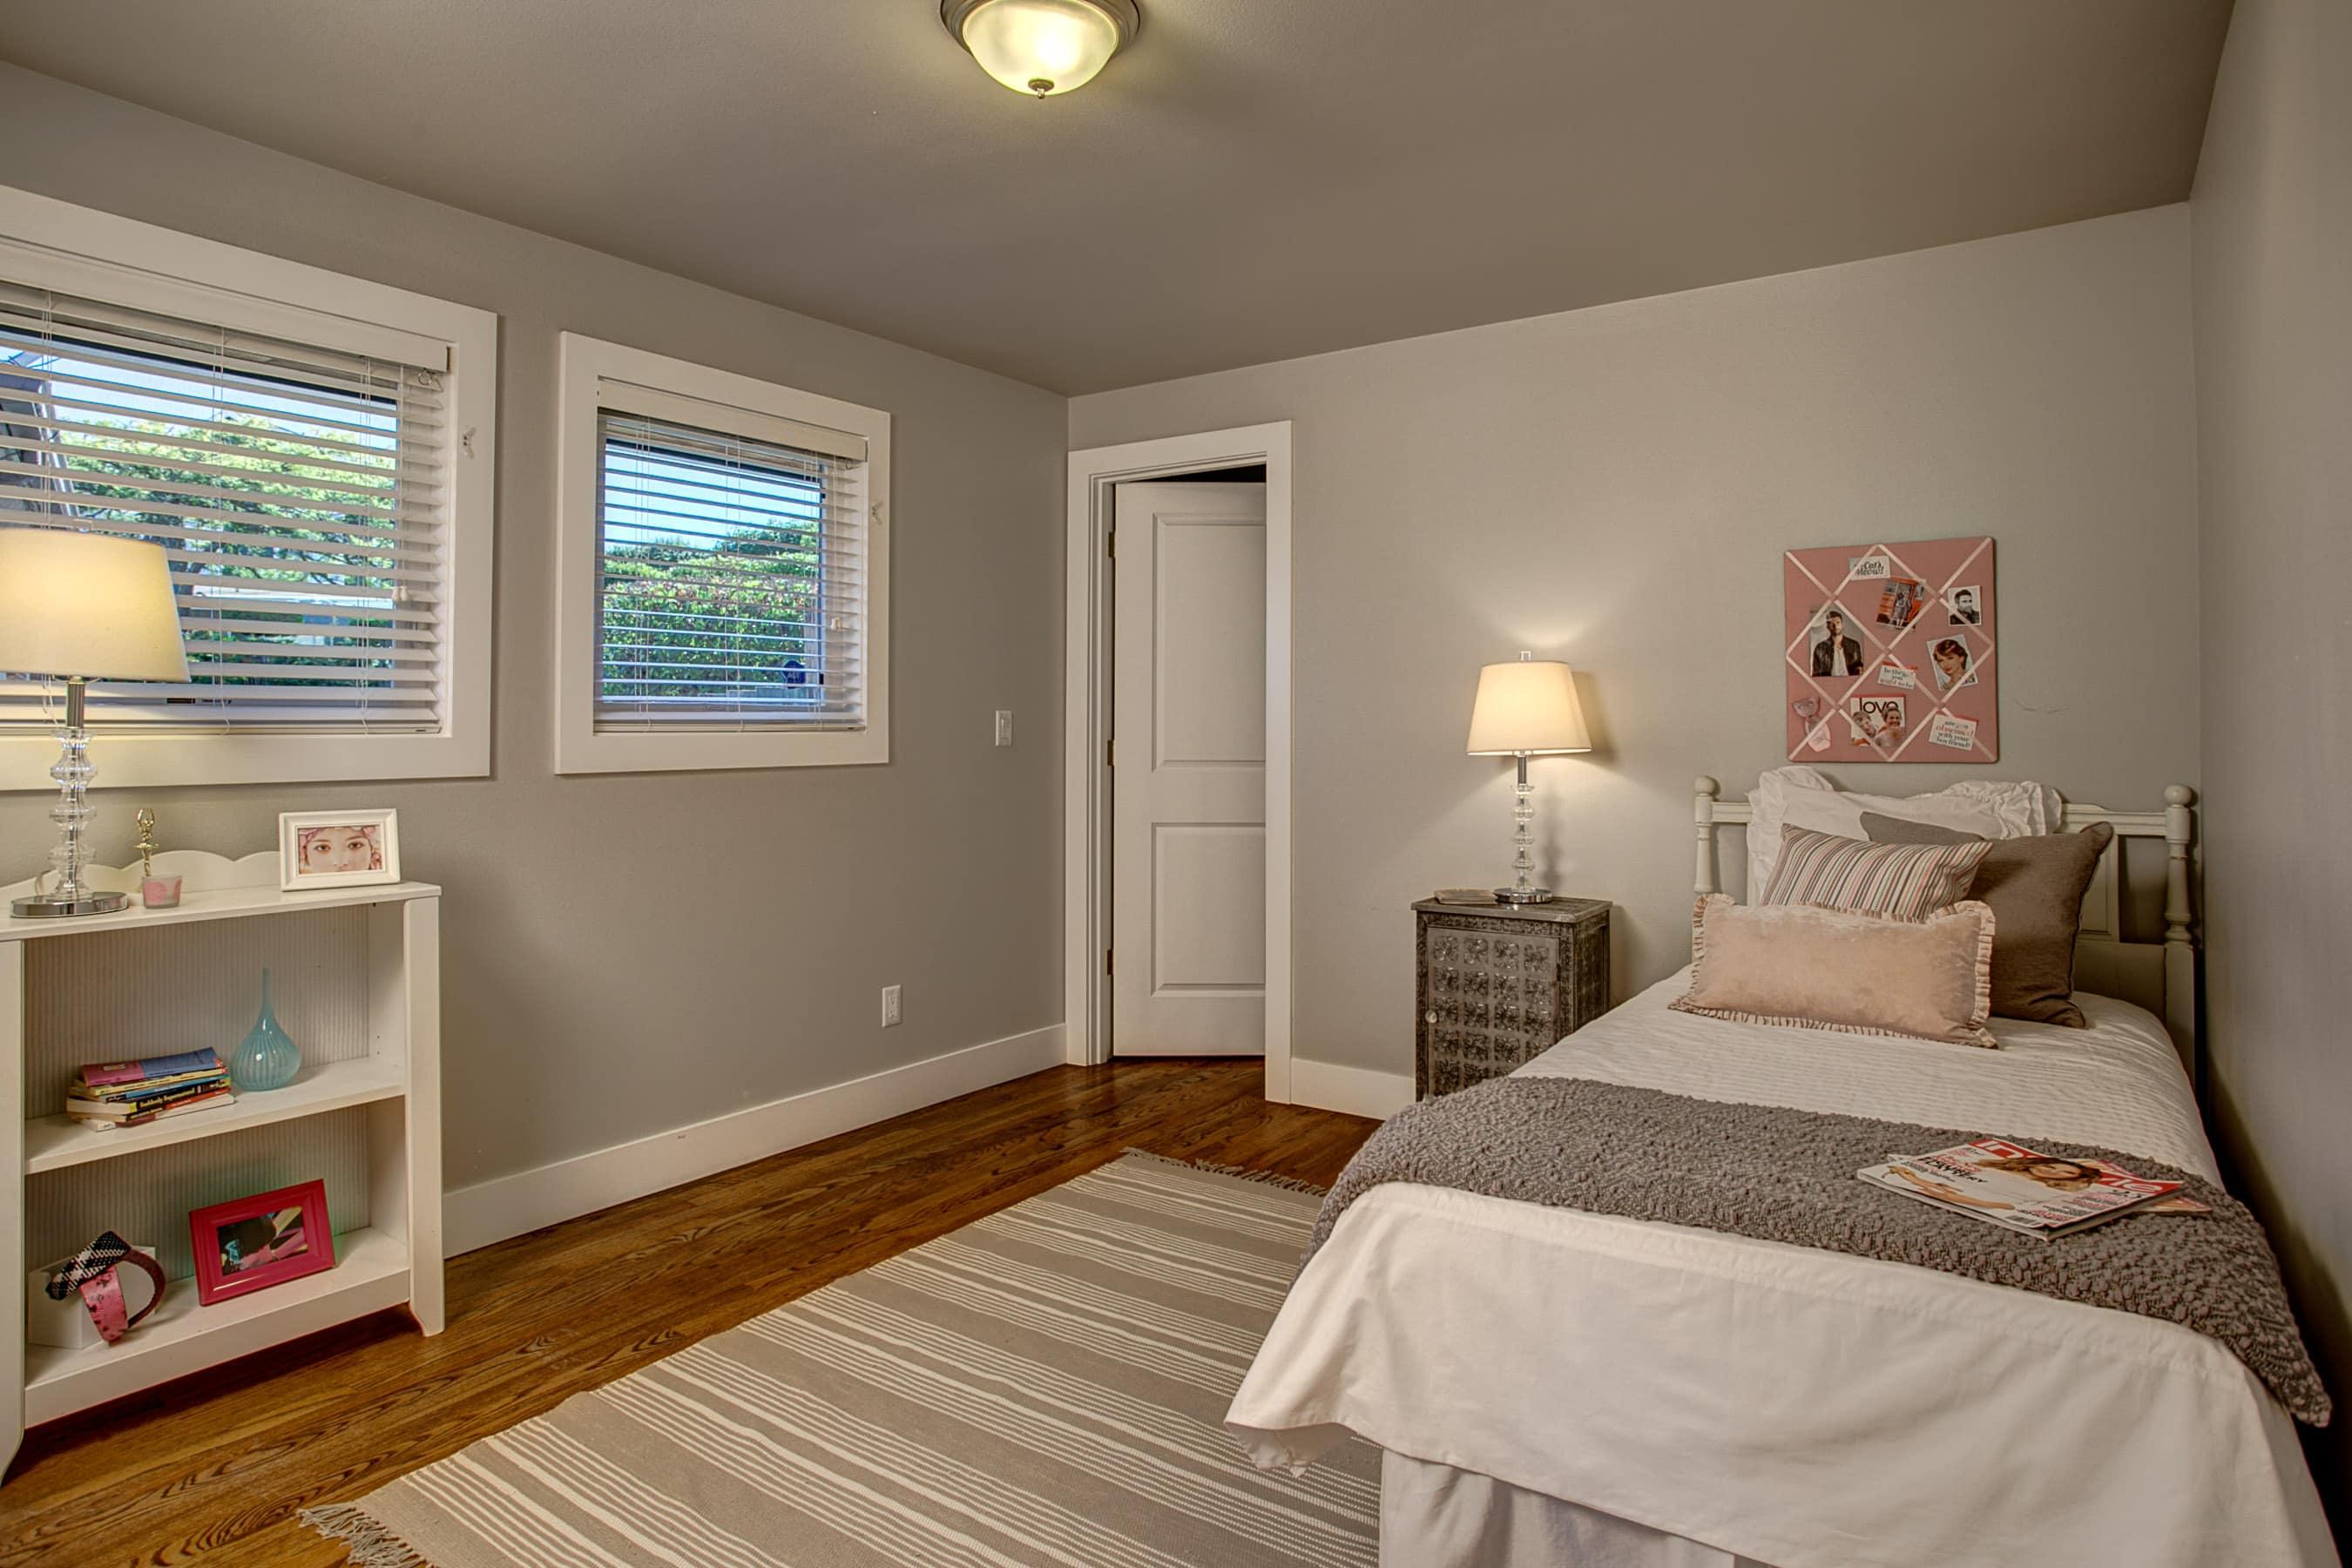 15-Bedroom01